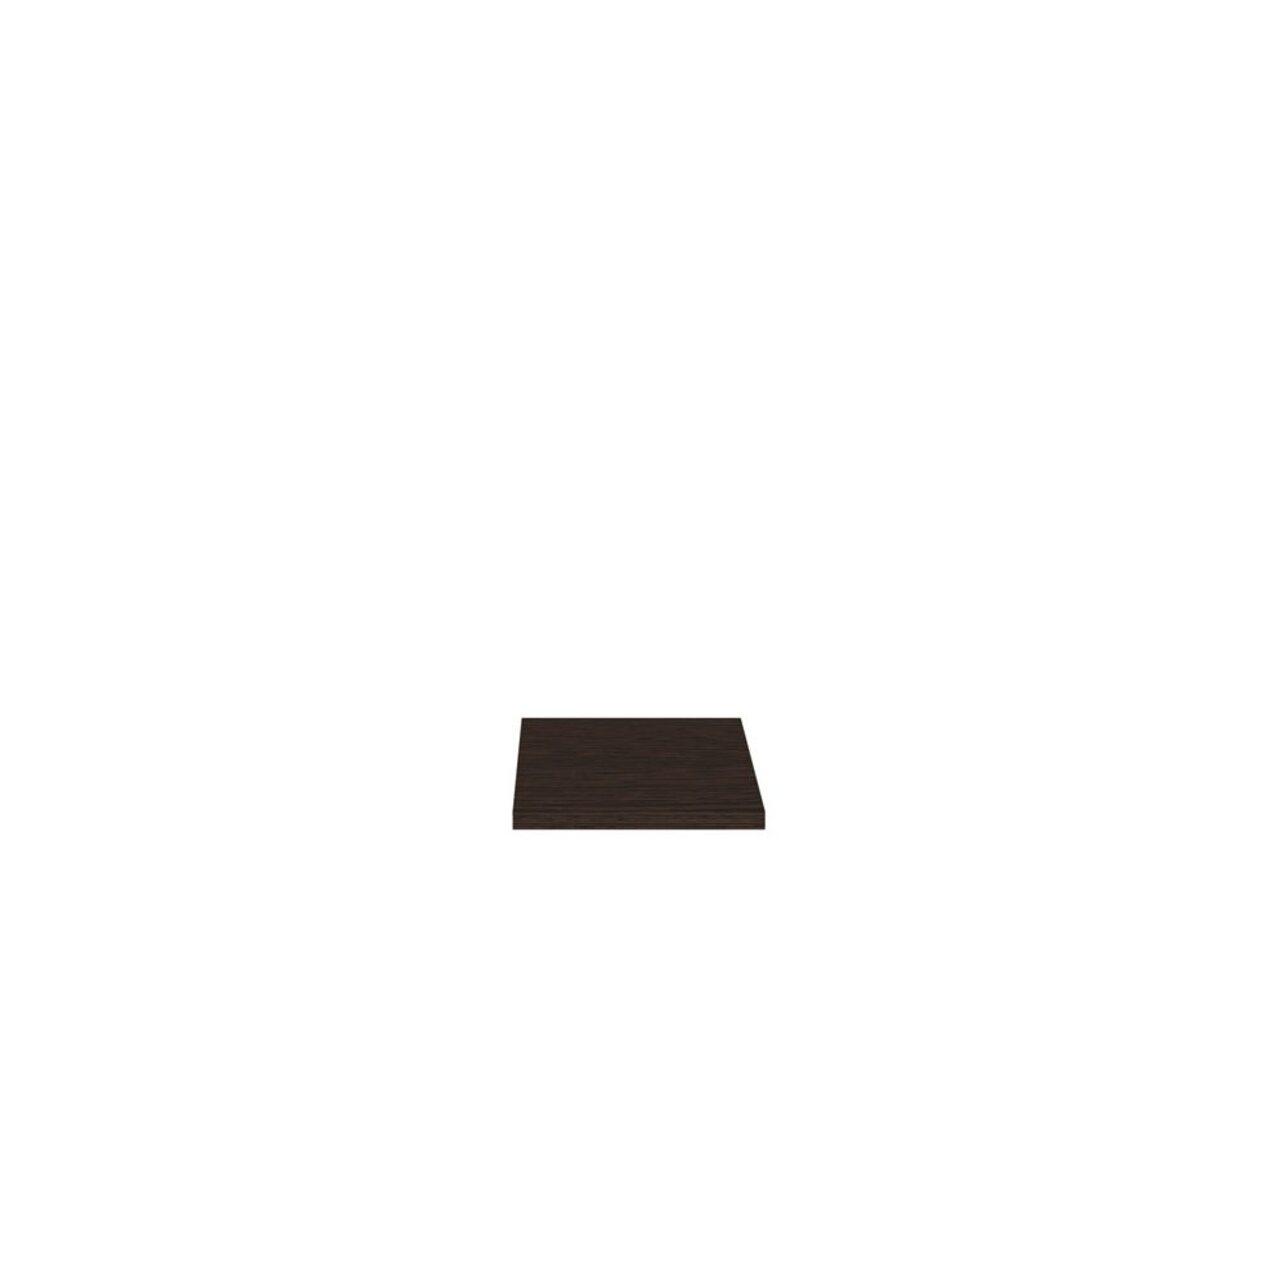 Топ декоративный для стеллажей  Бонд 44x46x4 - фото 3